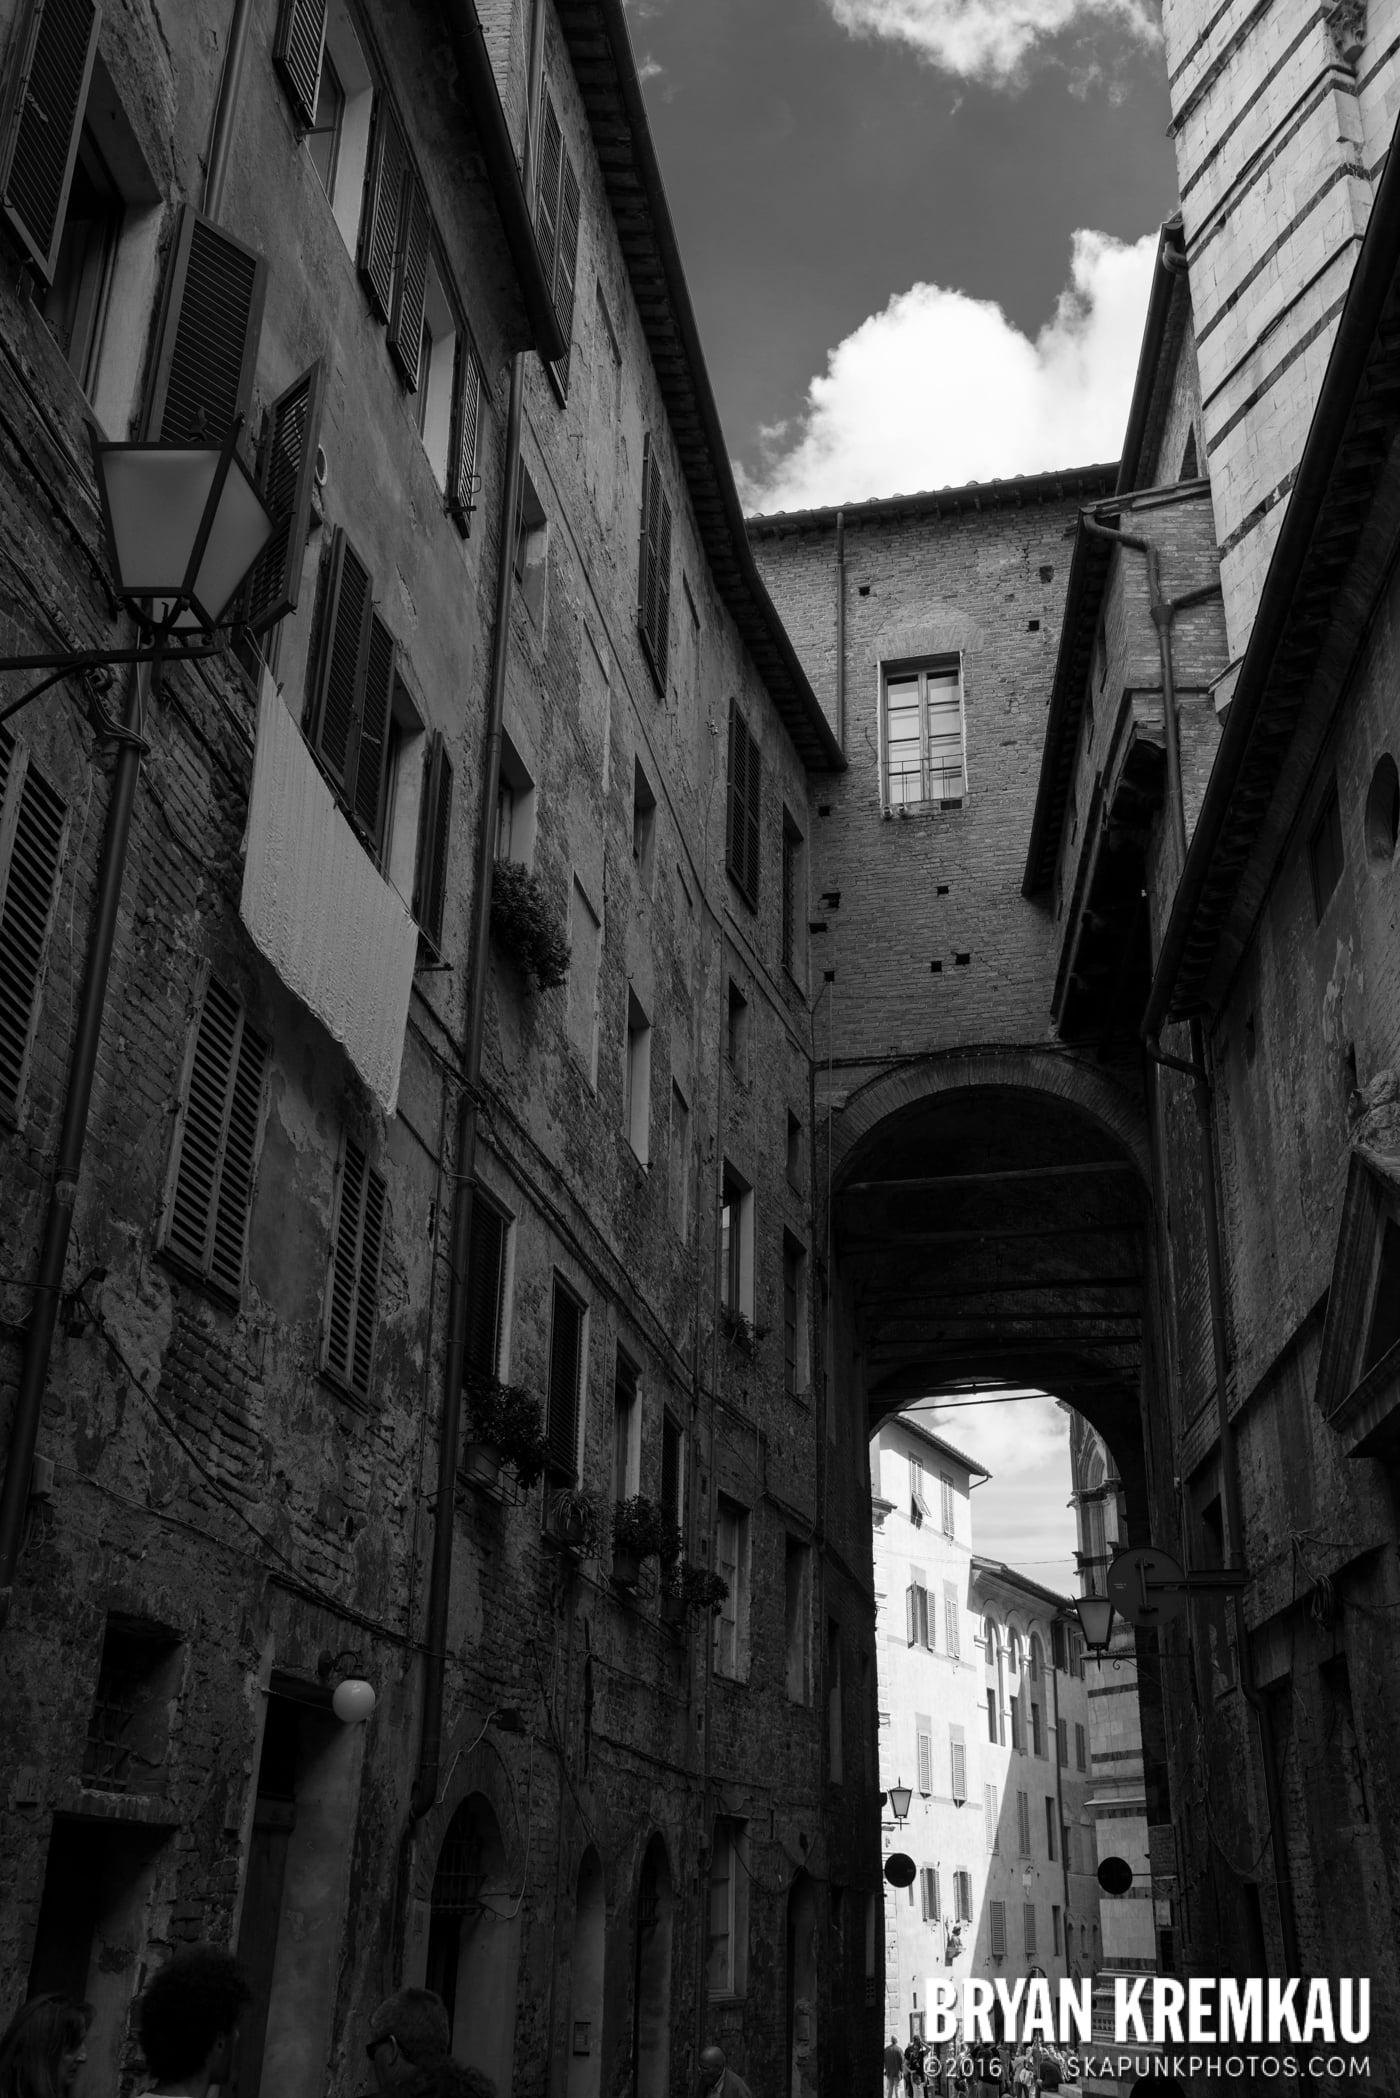 Italy Vacation - Day 8: Siena, San Gimignano, Chianti, Pisa - 9.16.13 (123)